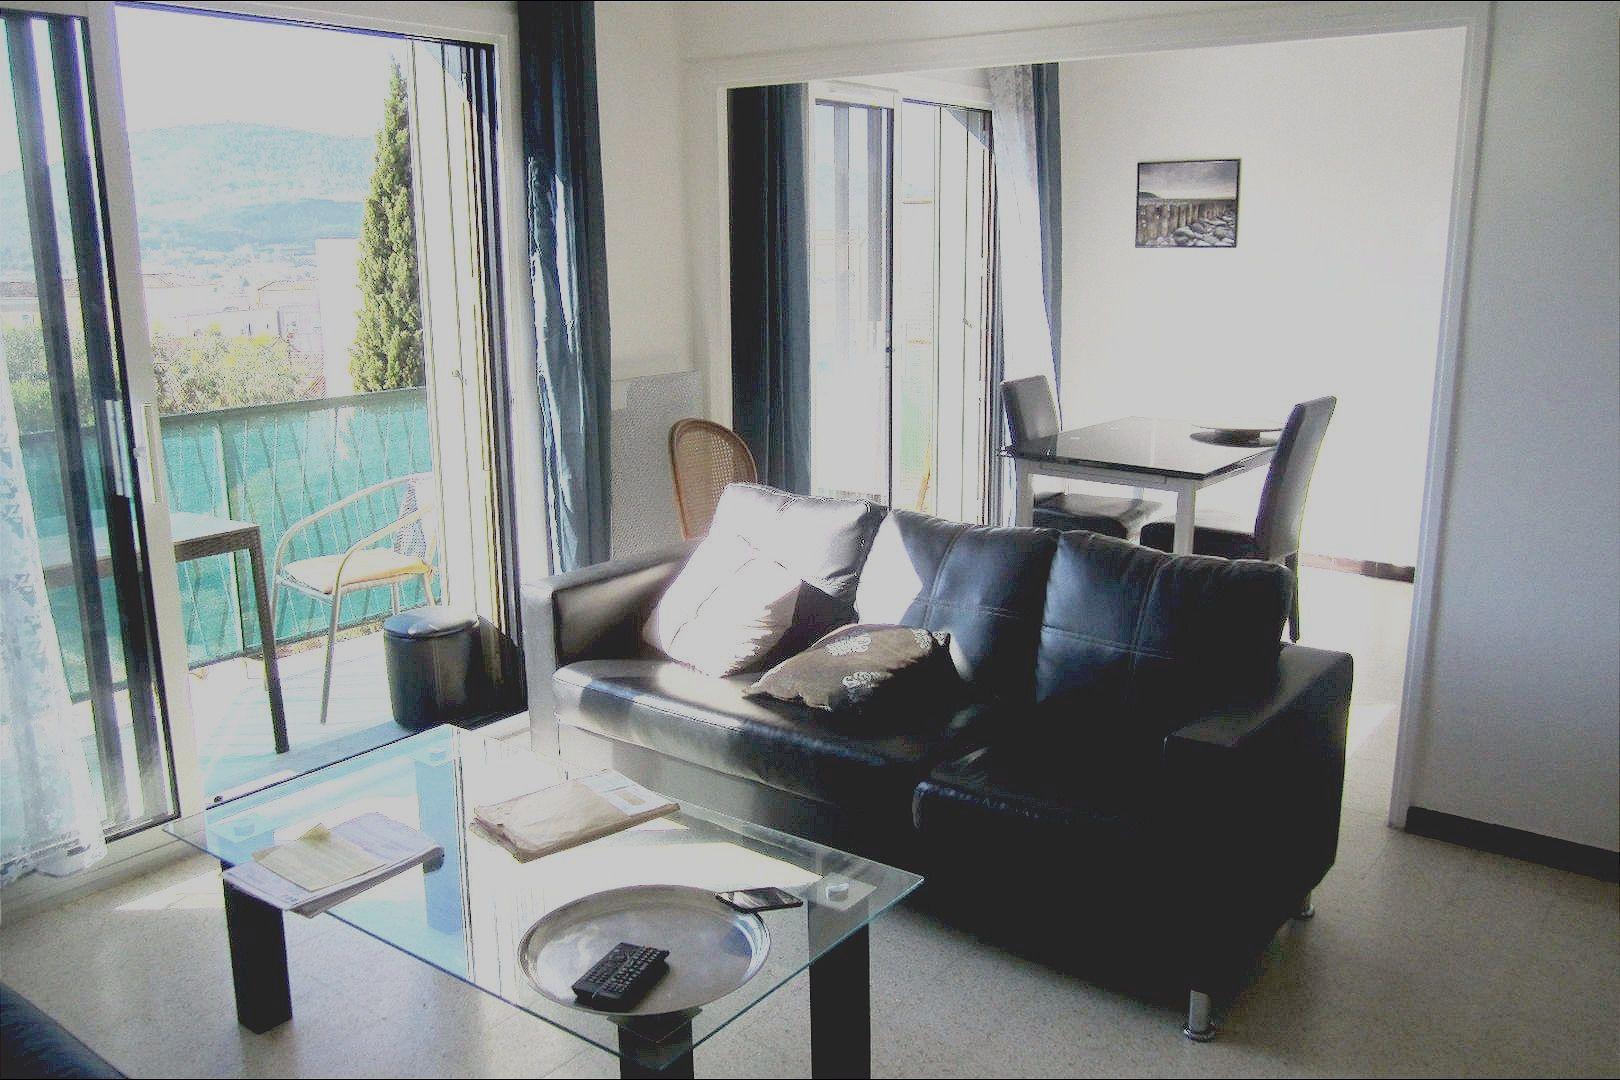 acces immobilier vente et location hyeres toulon appartements maisons villas. Black Bedroom Furniture Sets. Home Design Ideas